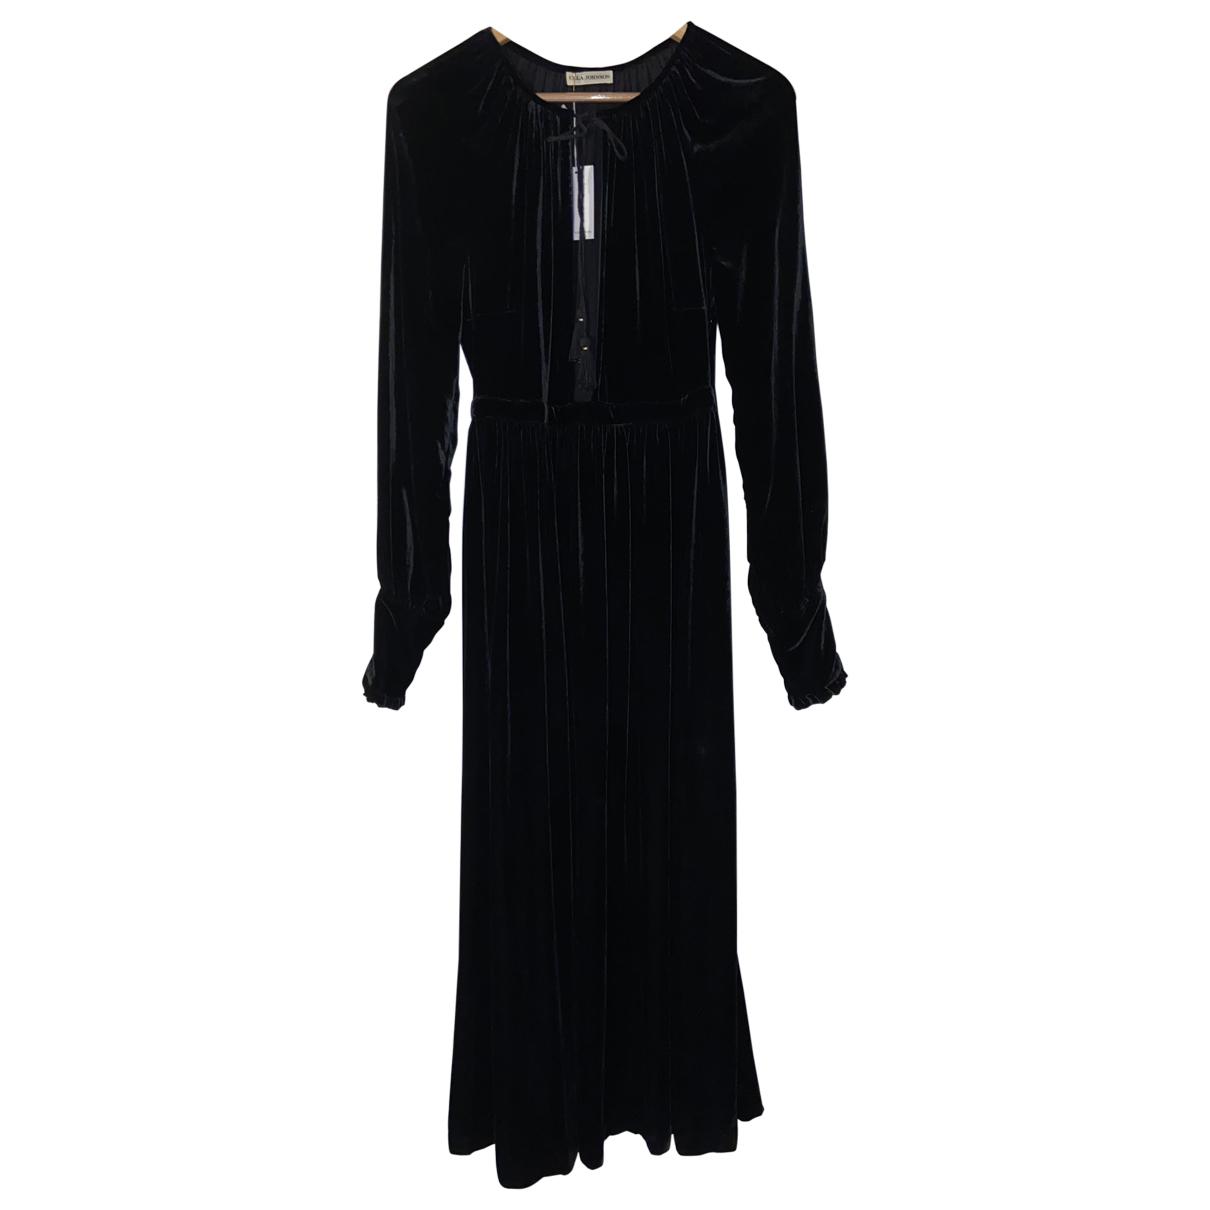 Ulla Johnson N Black dress for Women 6 US